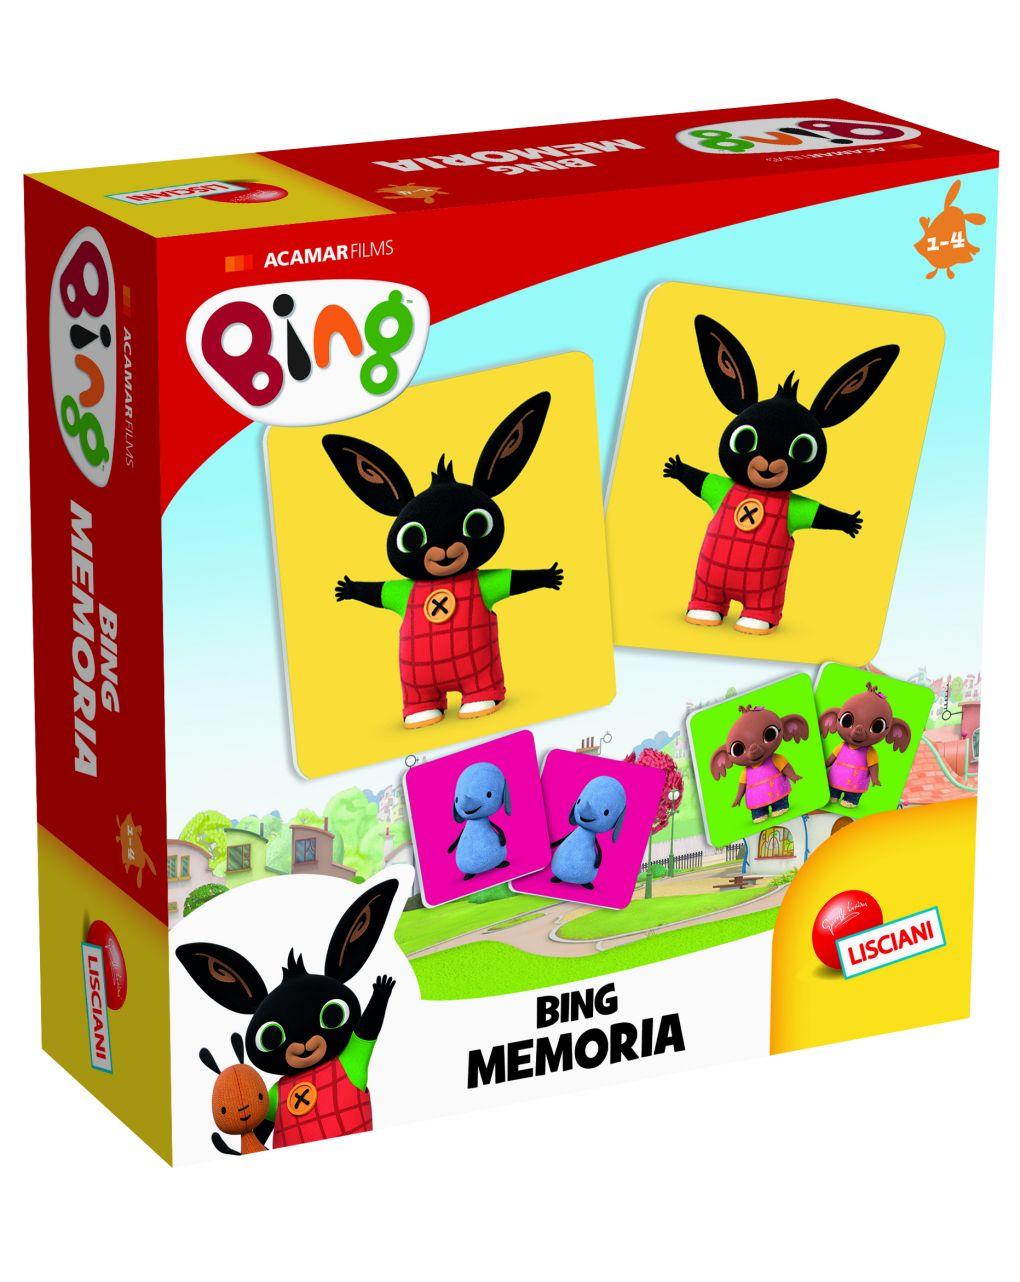 Bing games-bing memoria - Bing